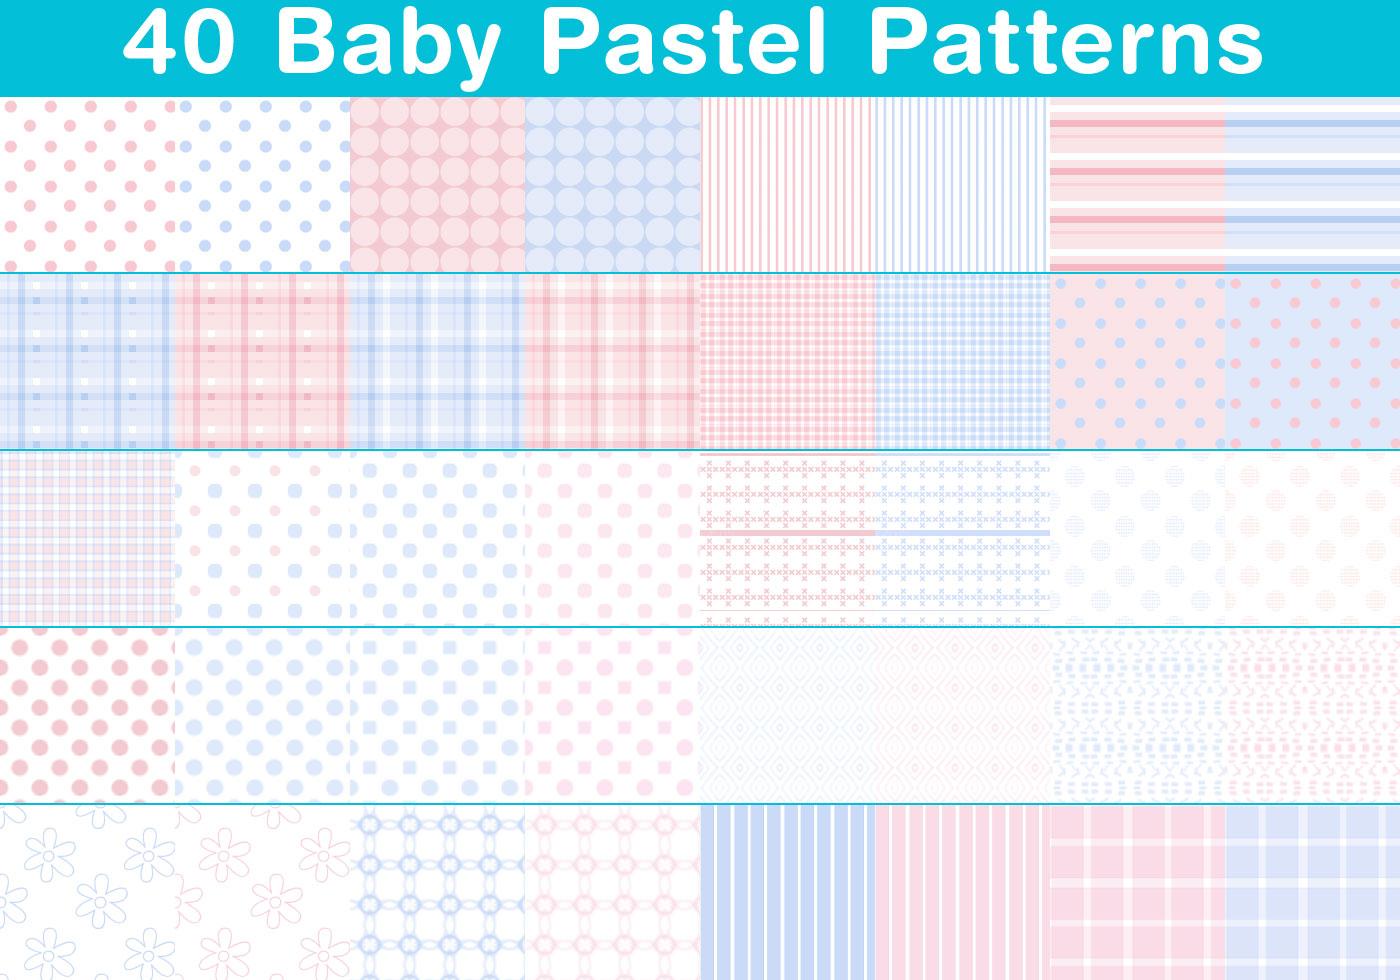 Patrones Pastel bebé   ¡Los patrones libres de Photoshop en Brusheezy!